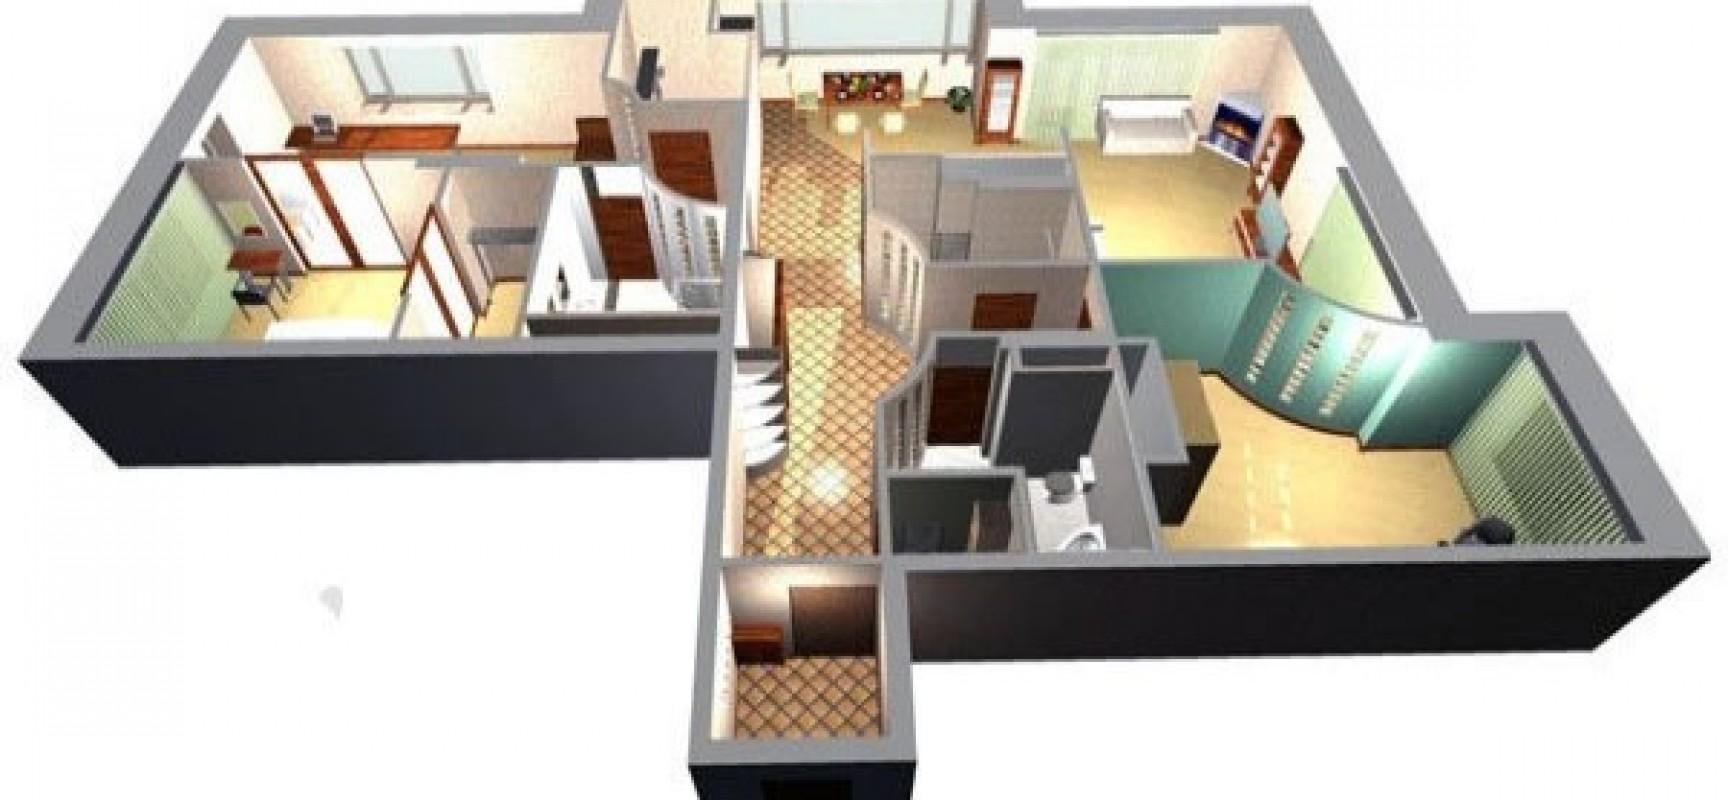 Документация при перепланировке квартиры